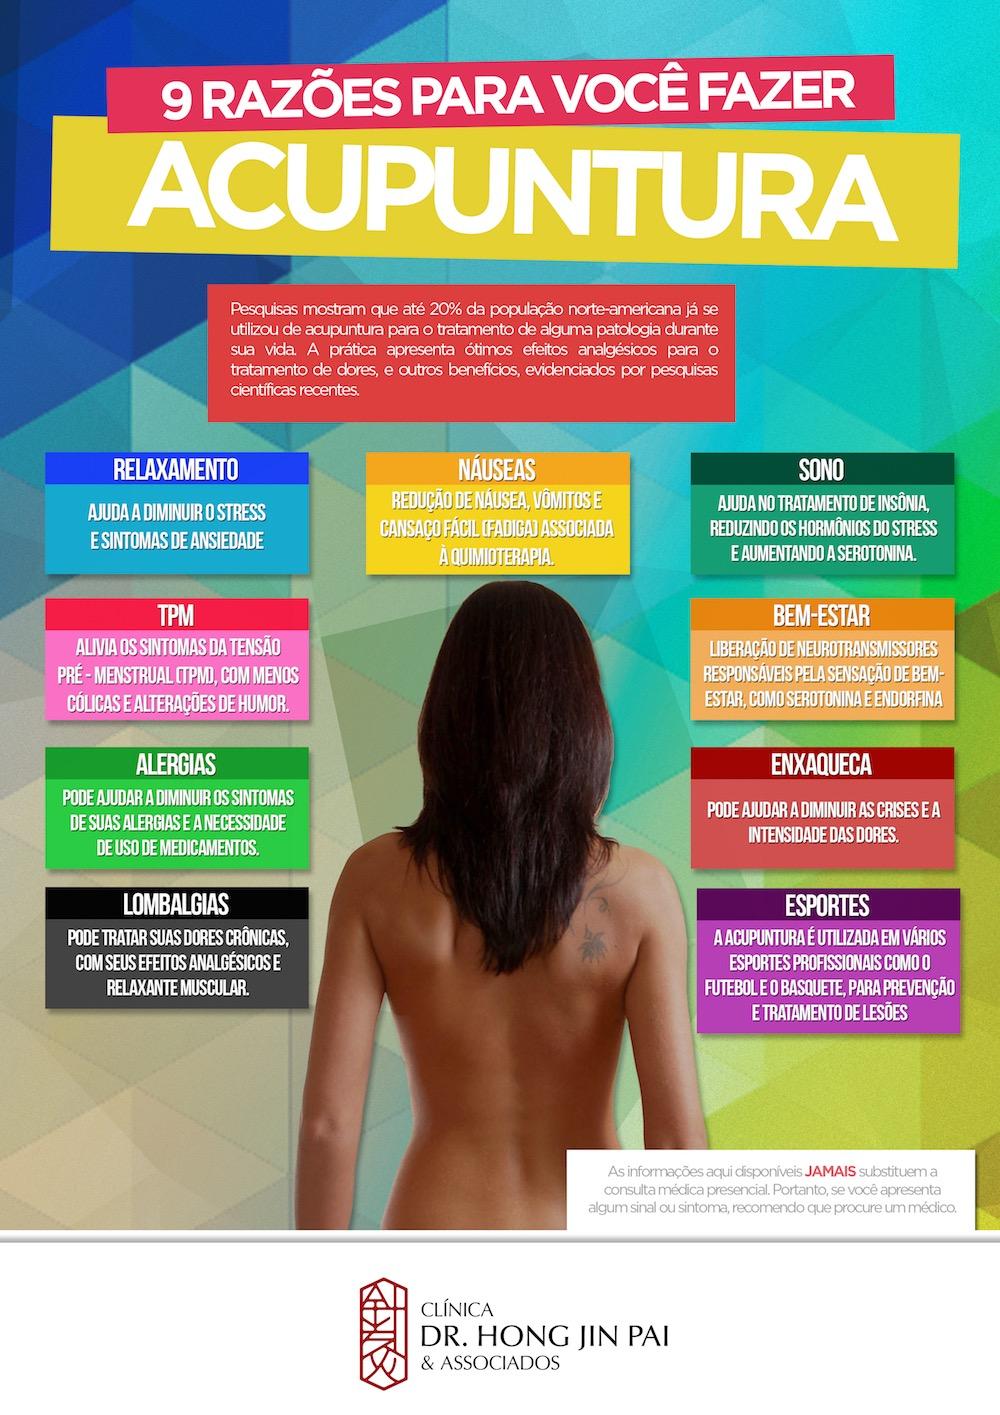 infografico-9-razoes-para-voce-fazer-acupuntura